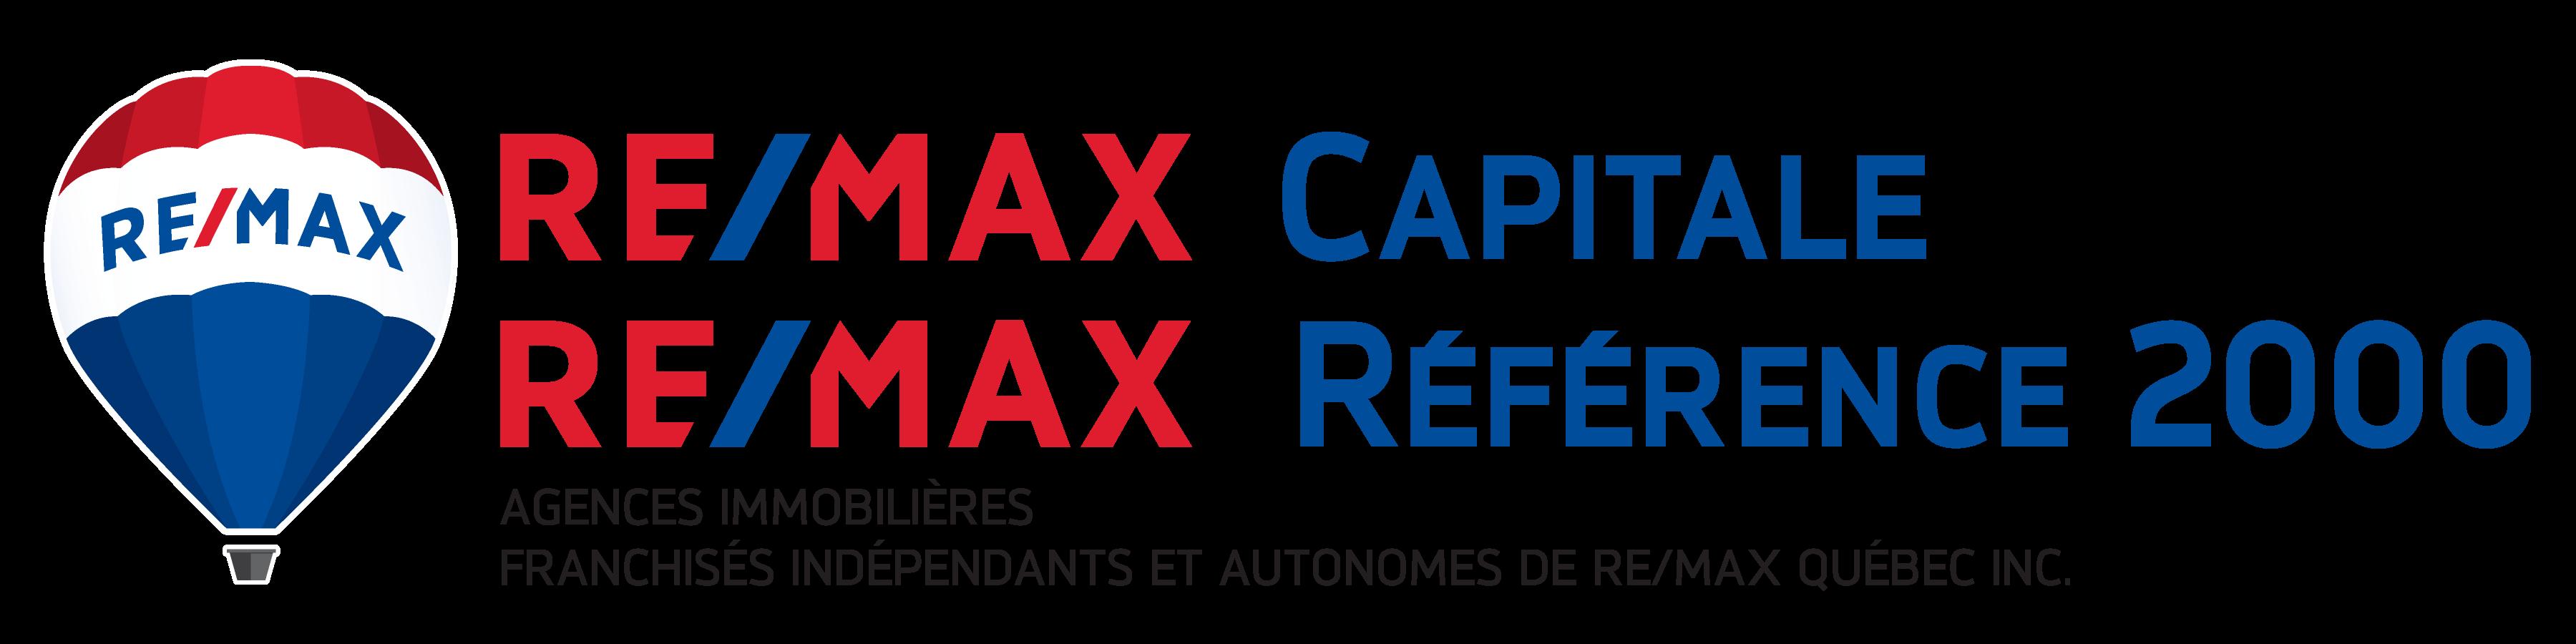 RE/MAX Capitale | RE/MAX Référence 2000